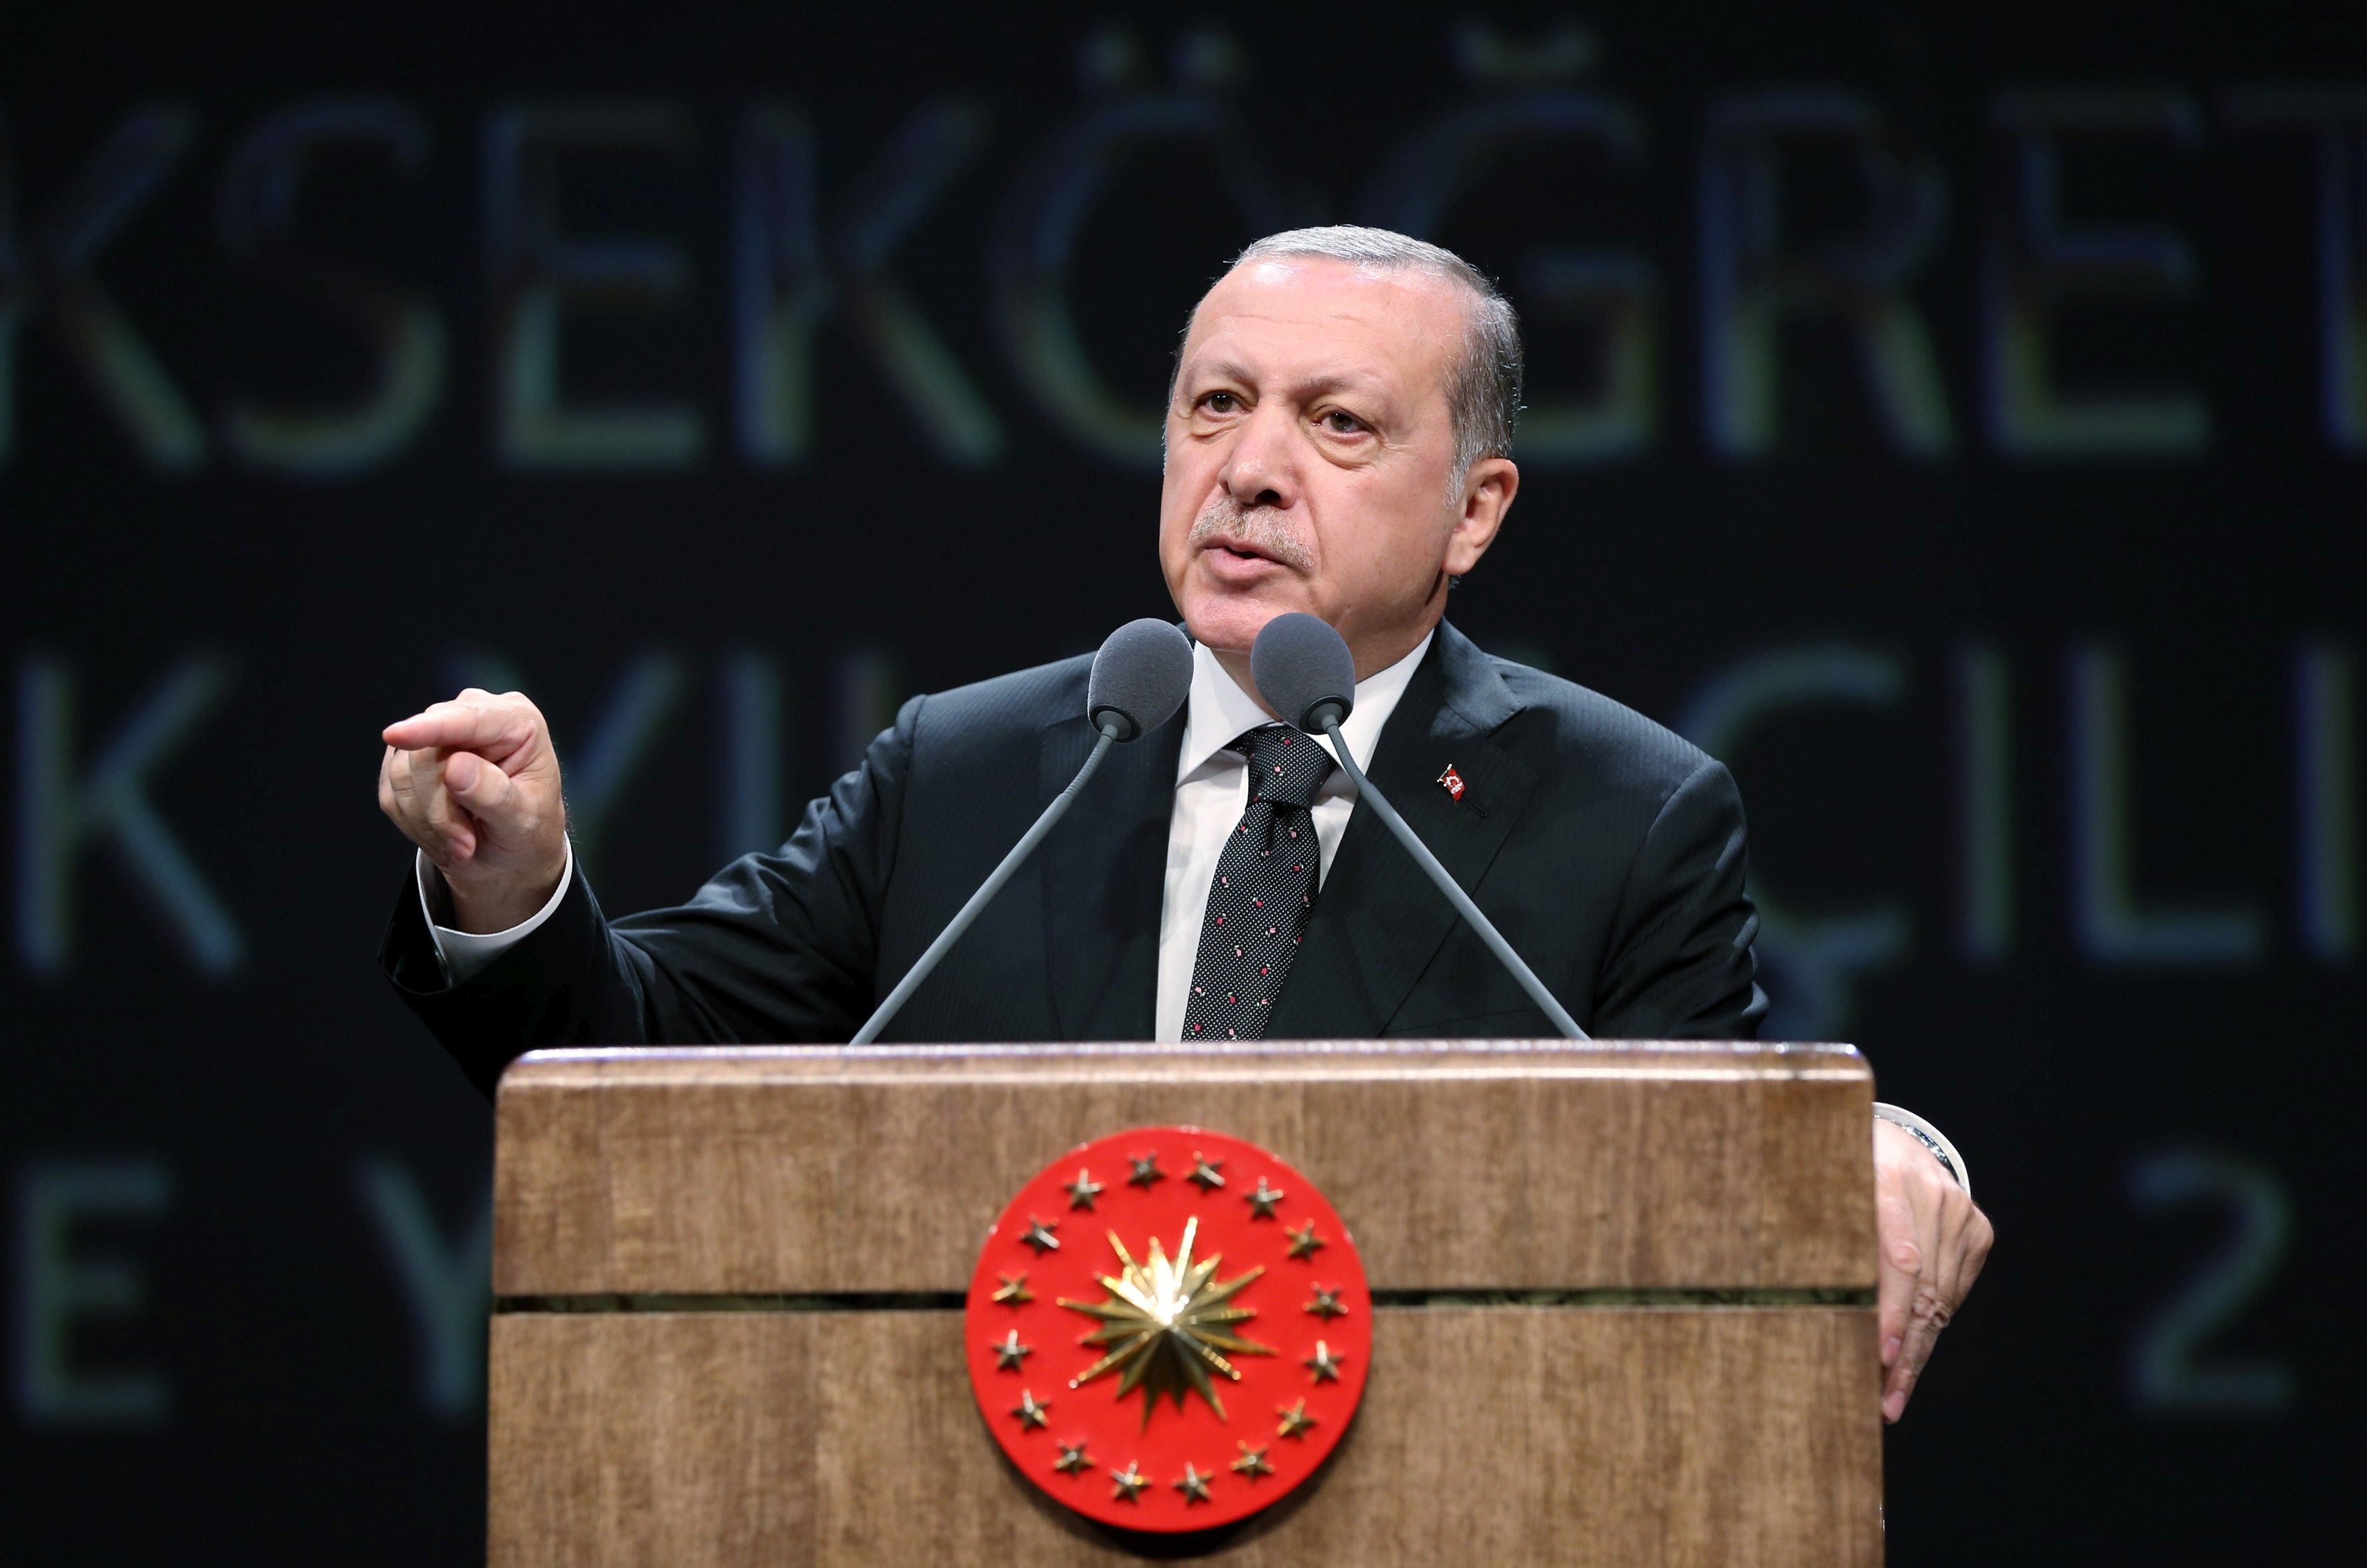 Secretarul general al NATO solicită SUA şi Turciei să `găsească soluţii` pentru criza diplomatică